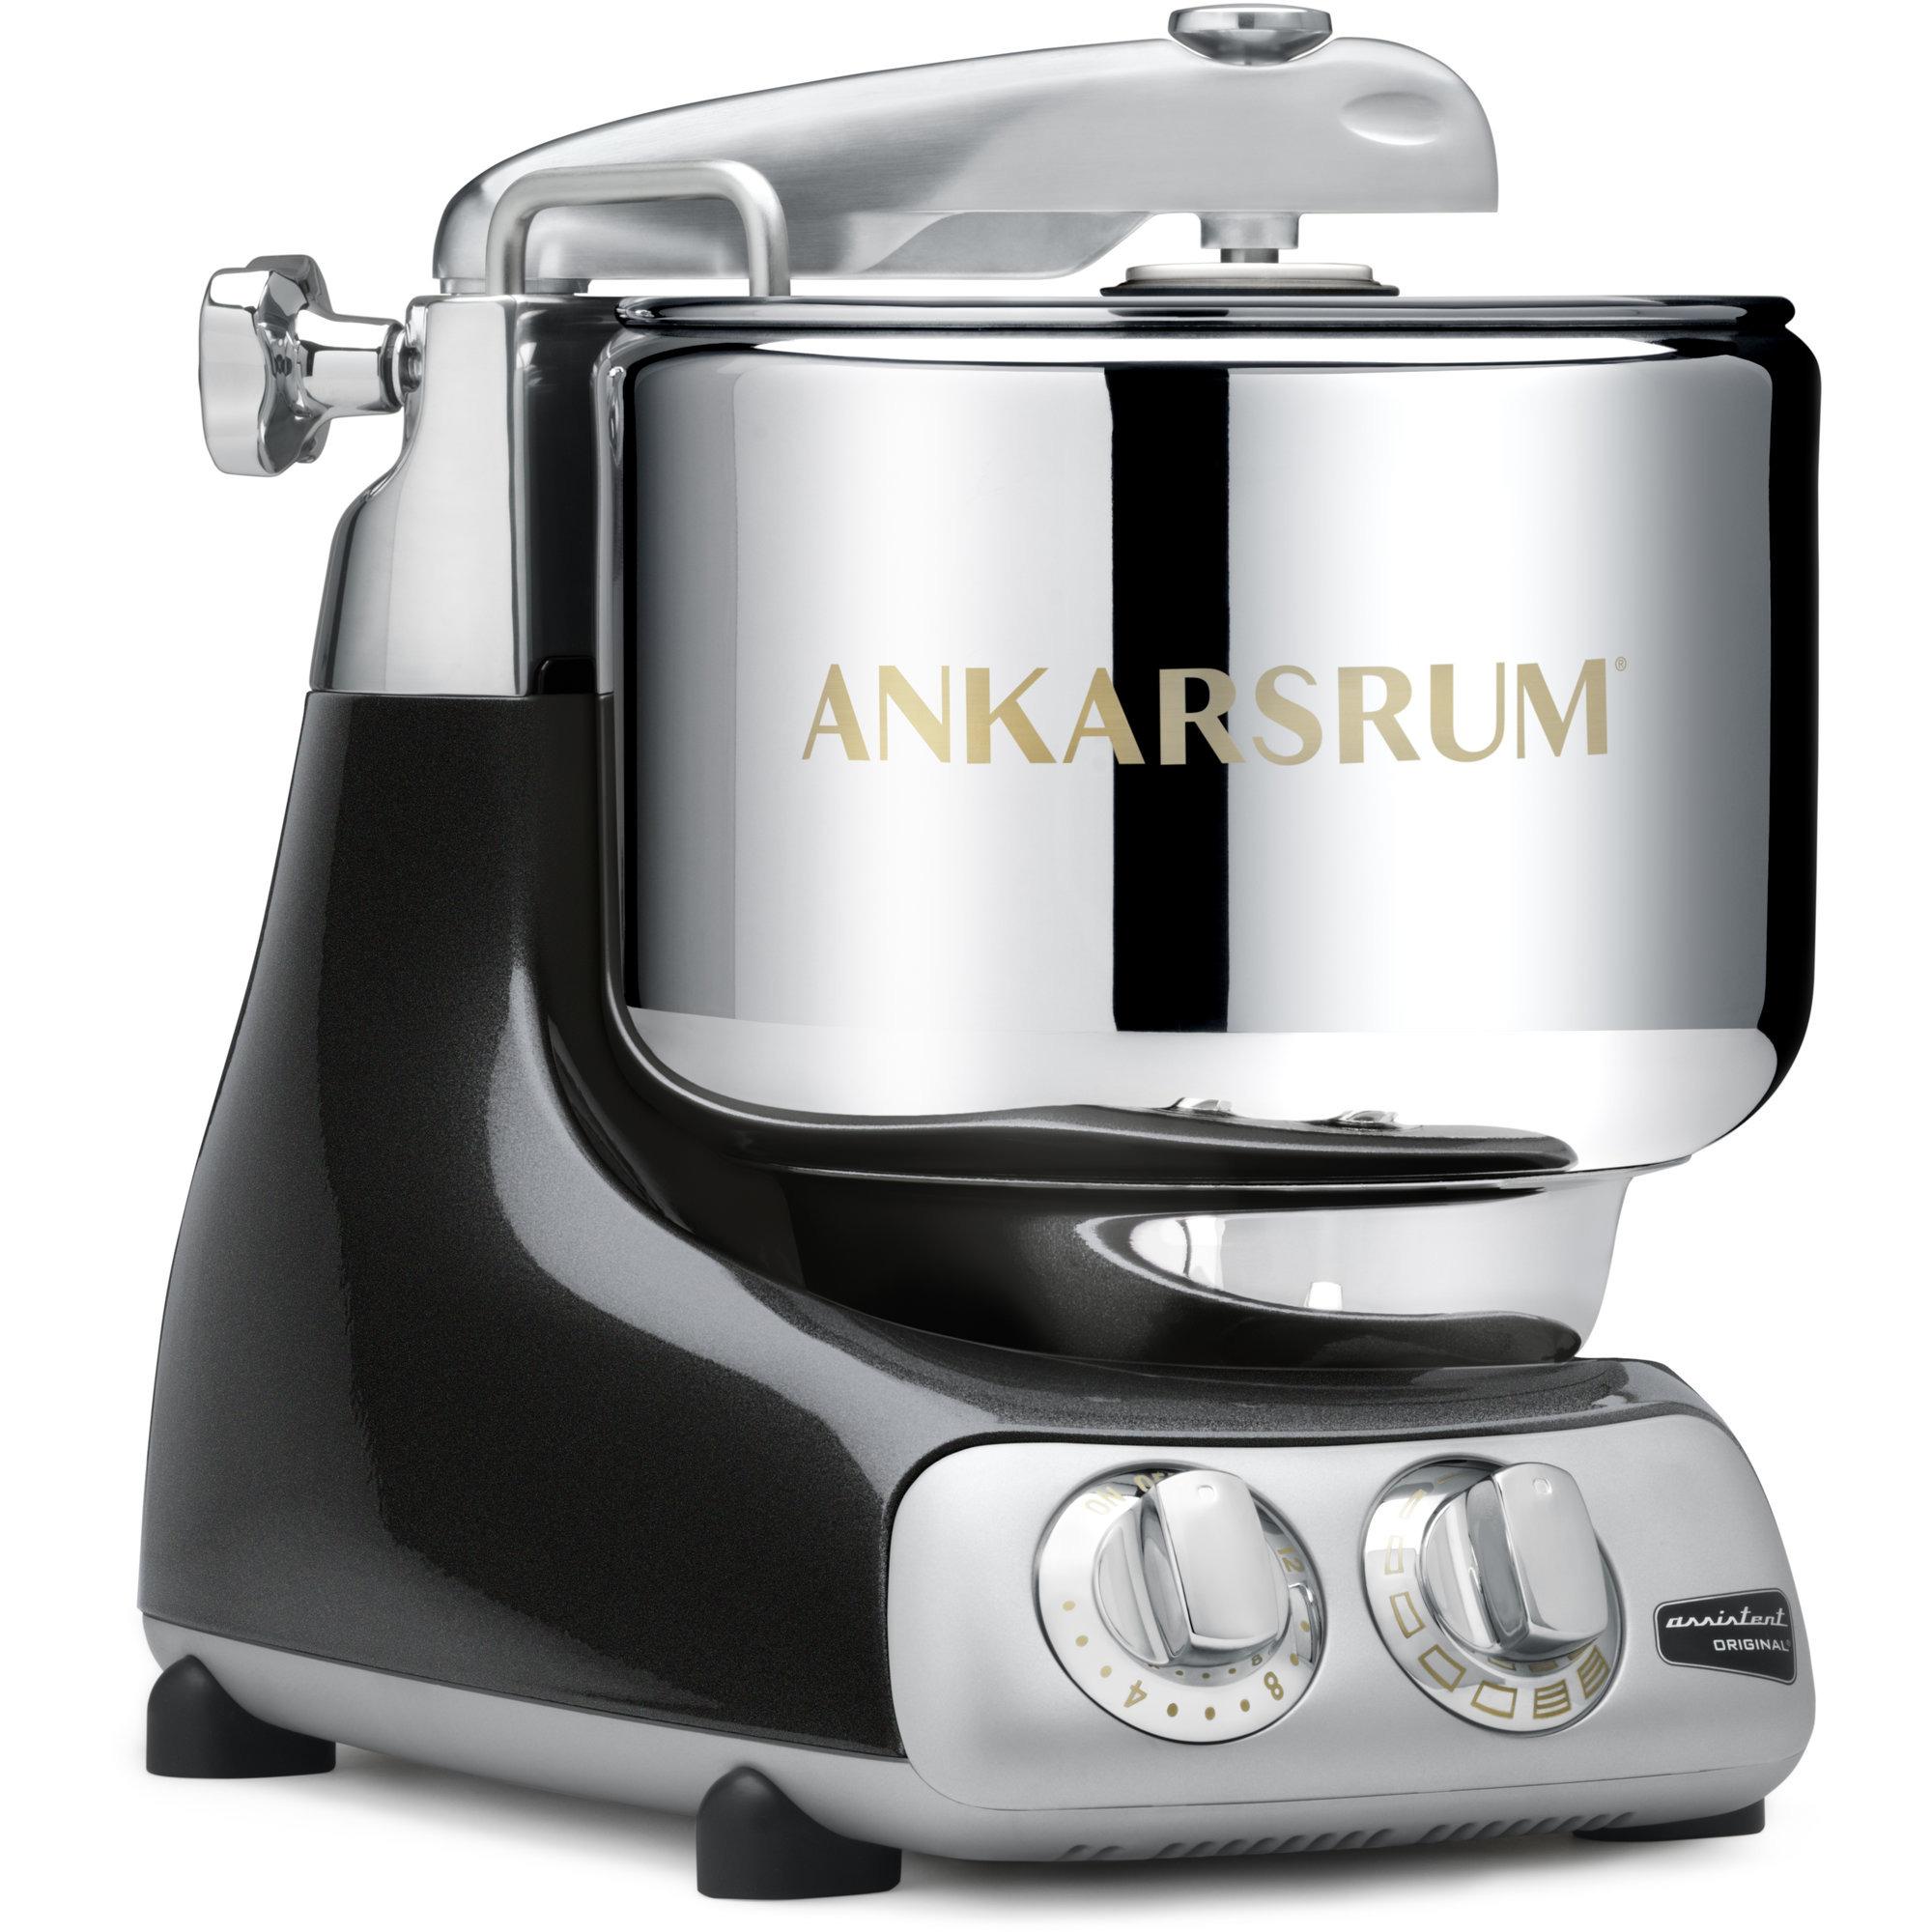 Bild av Ankarsrum Assistent Original Black Diamond AKM 6230 BD